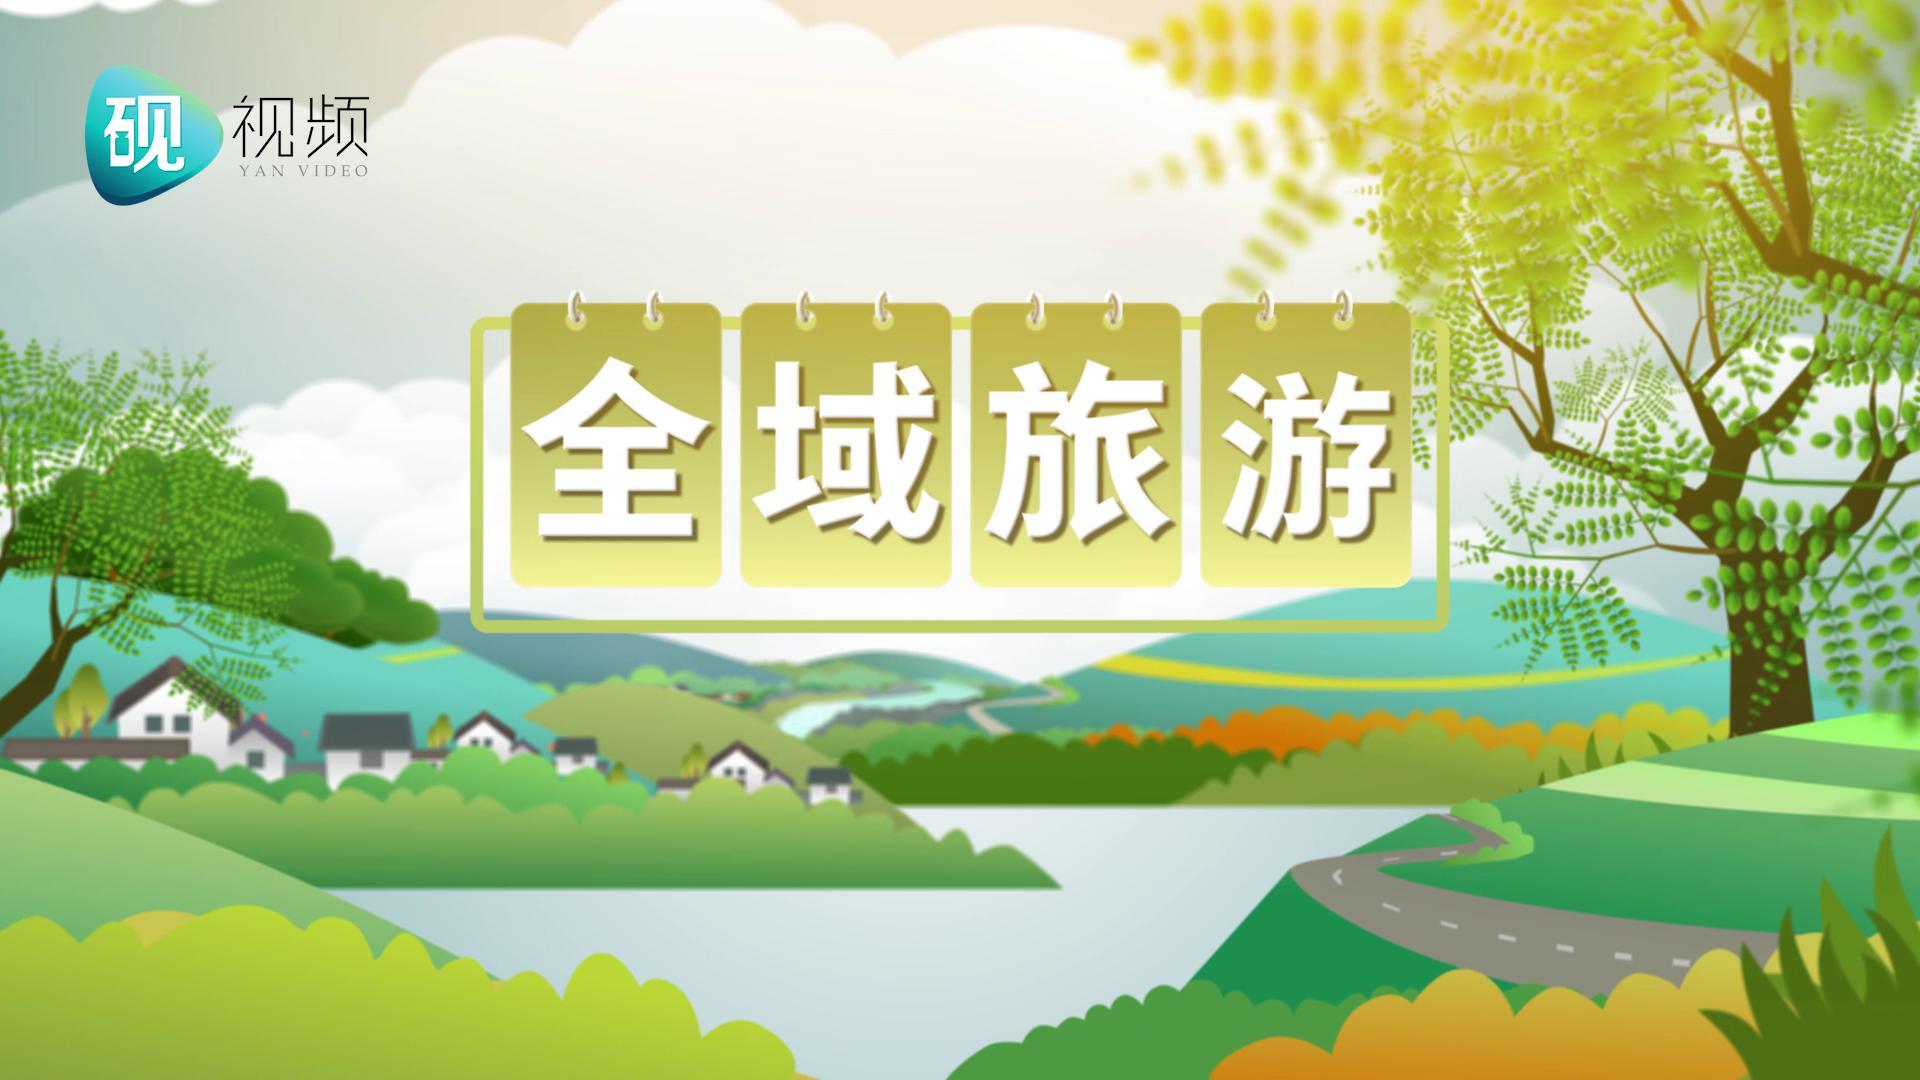 【封开全域旅游专题】特色农家乐与水上乐园